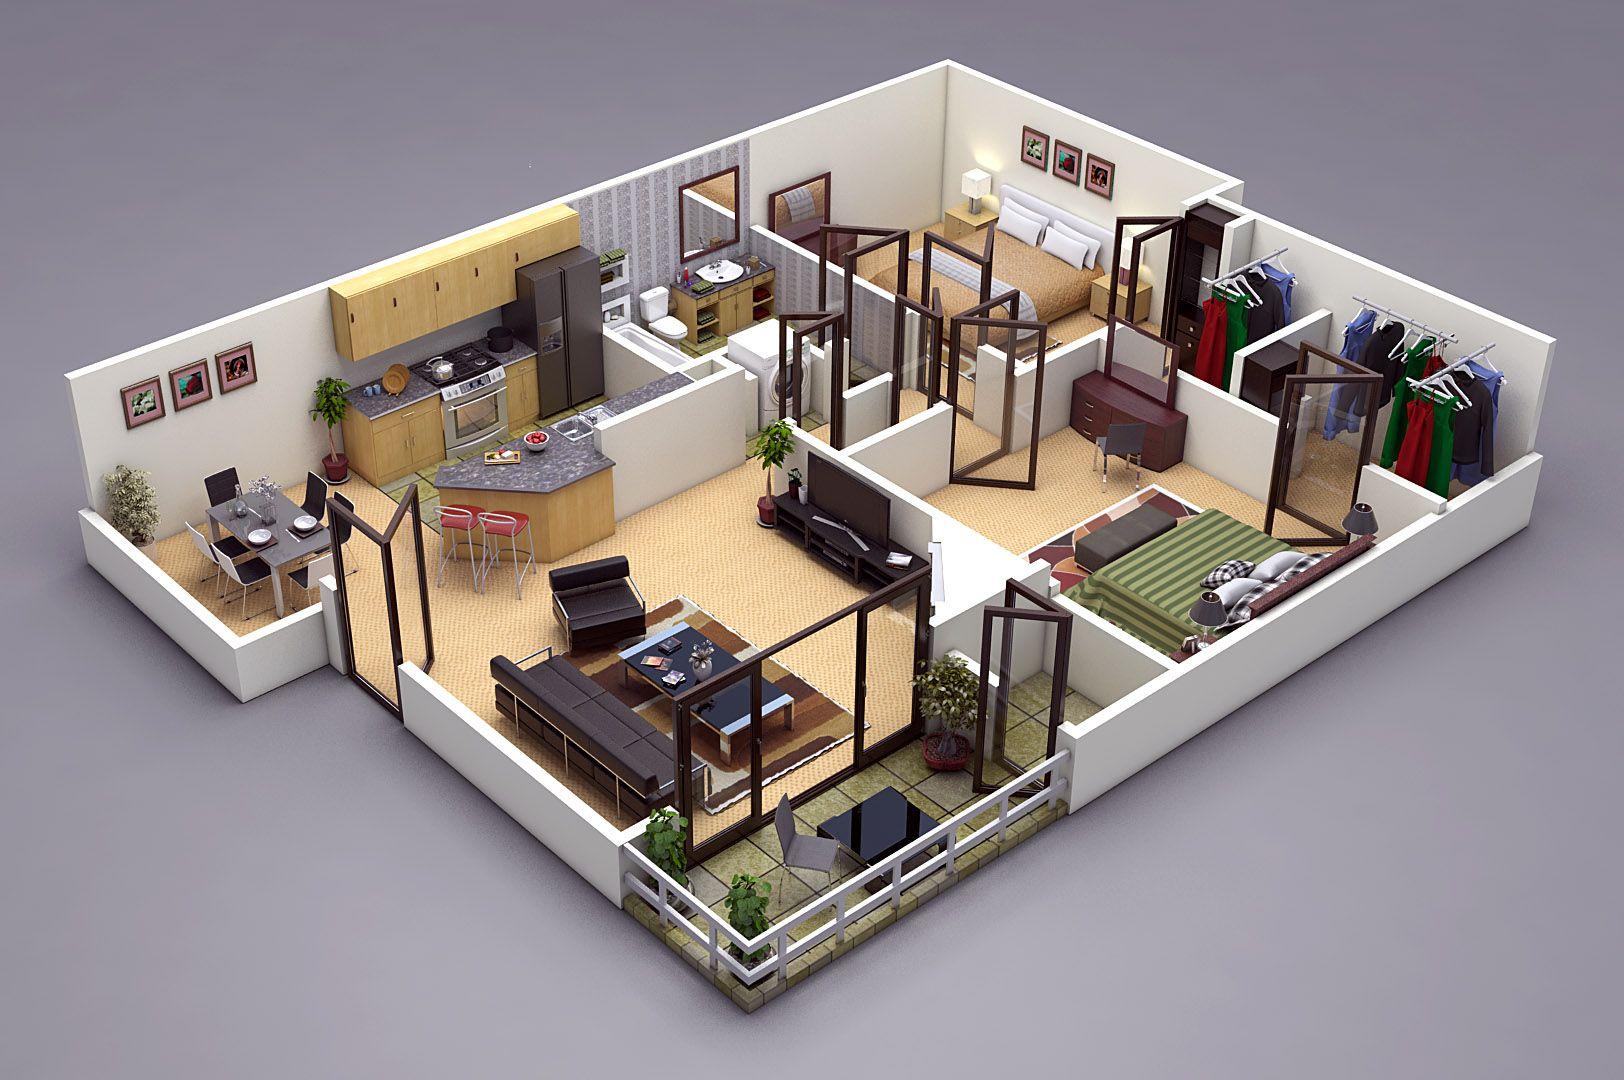 Một vàikinh nghiệm thực tế khi tính diện tích căn hộ chung cư